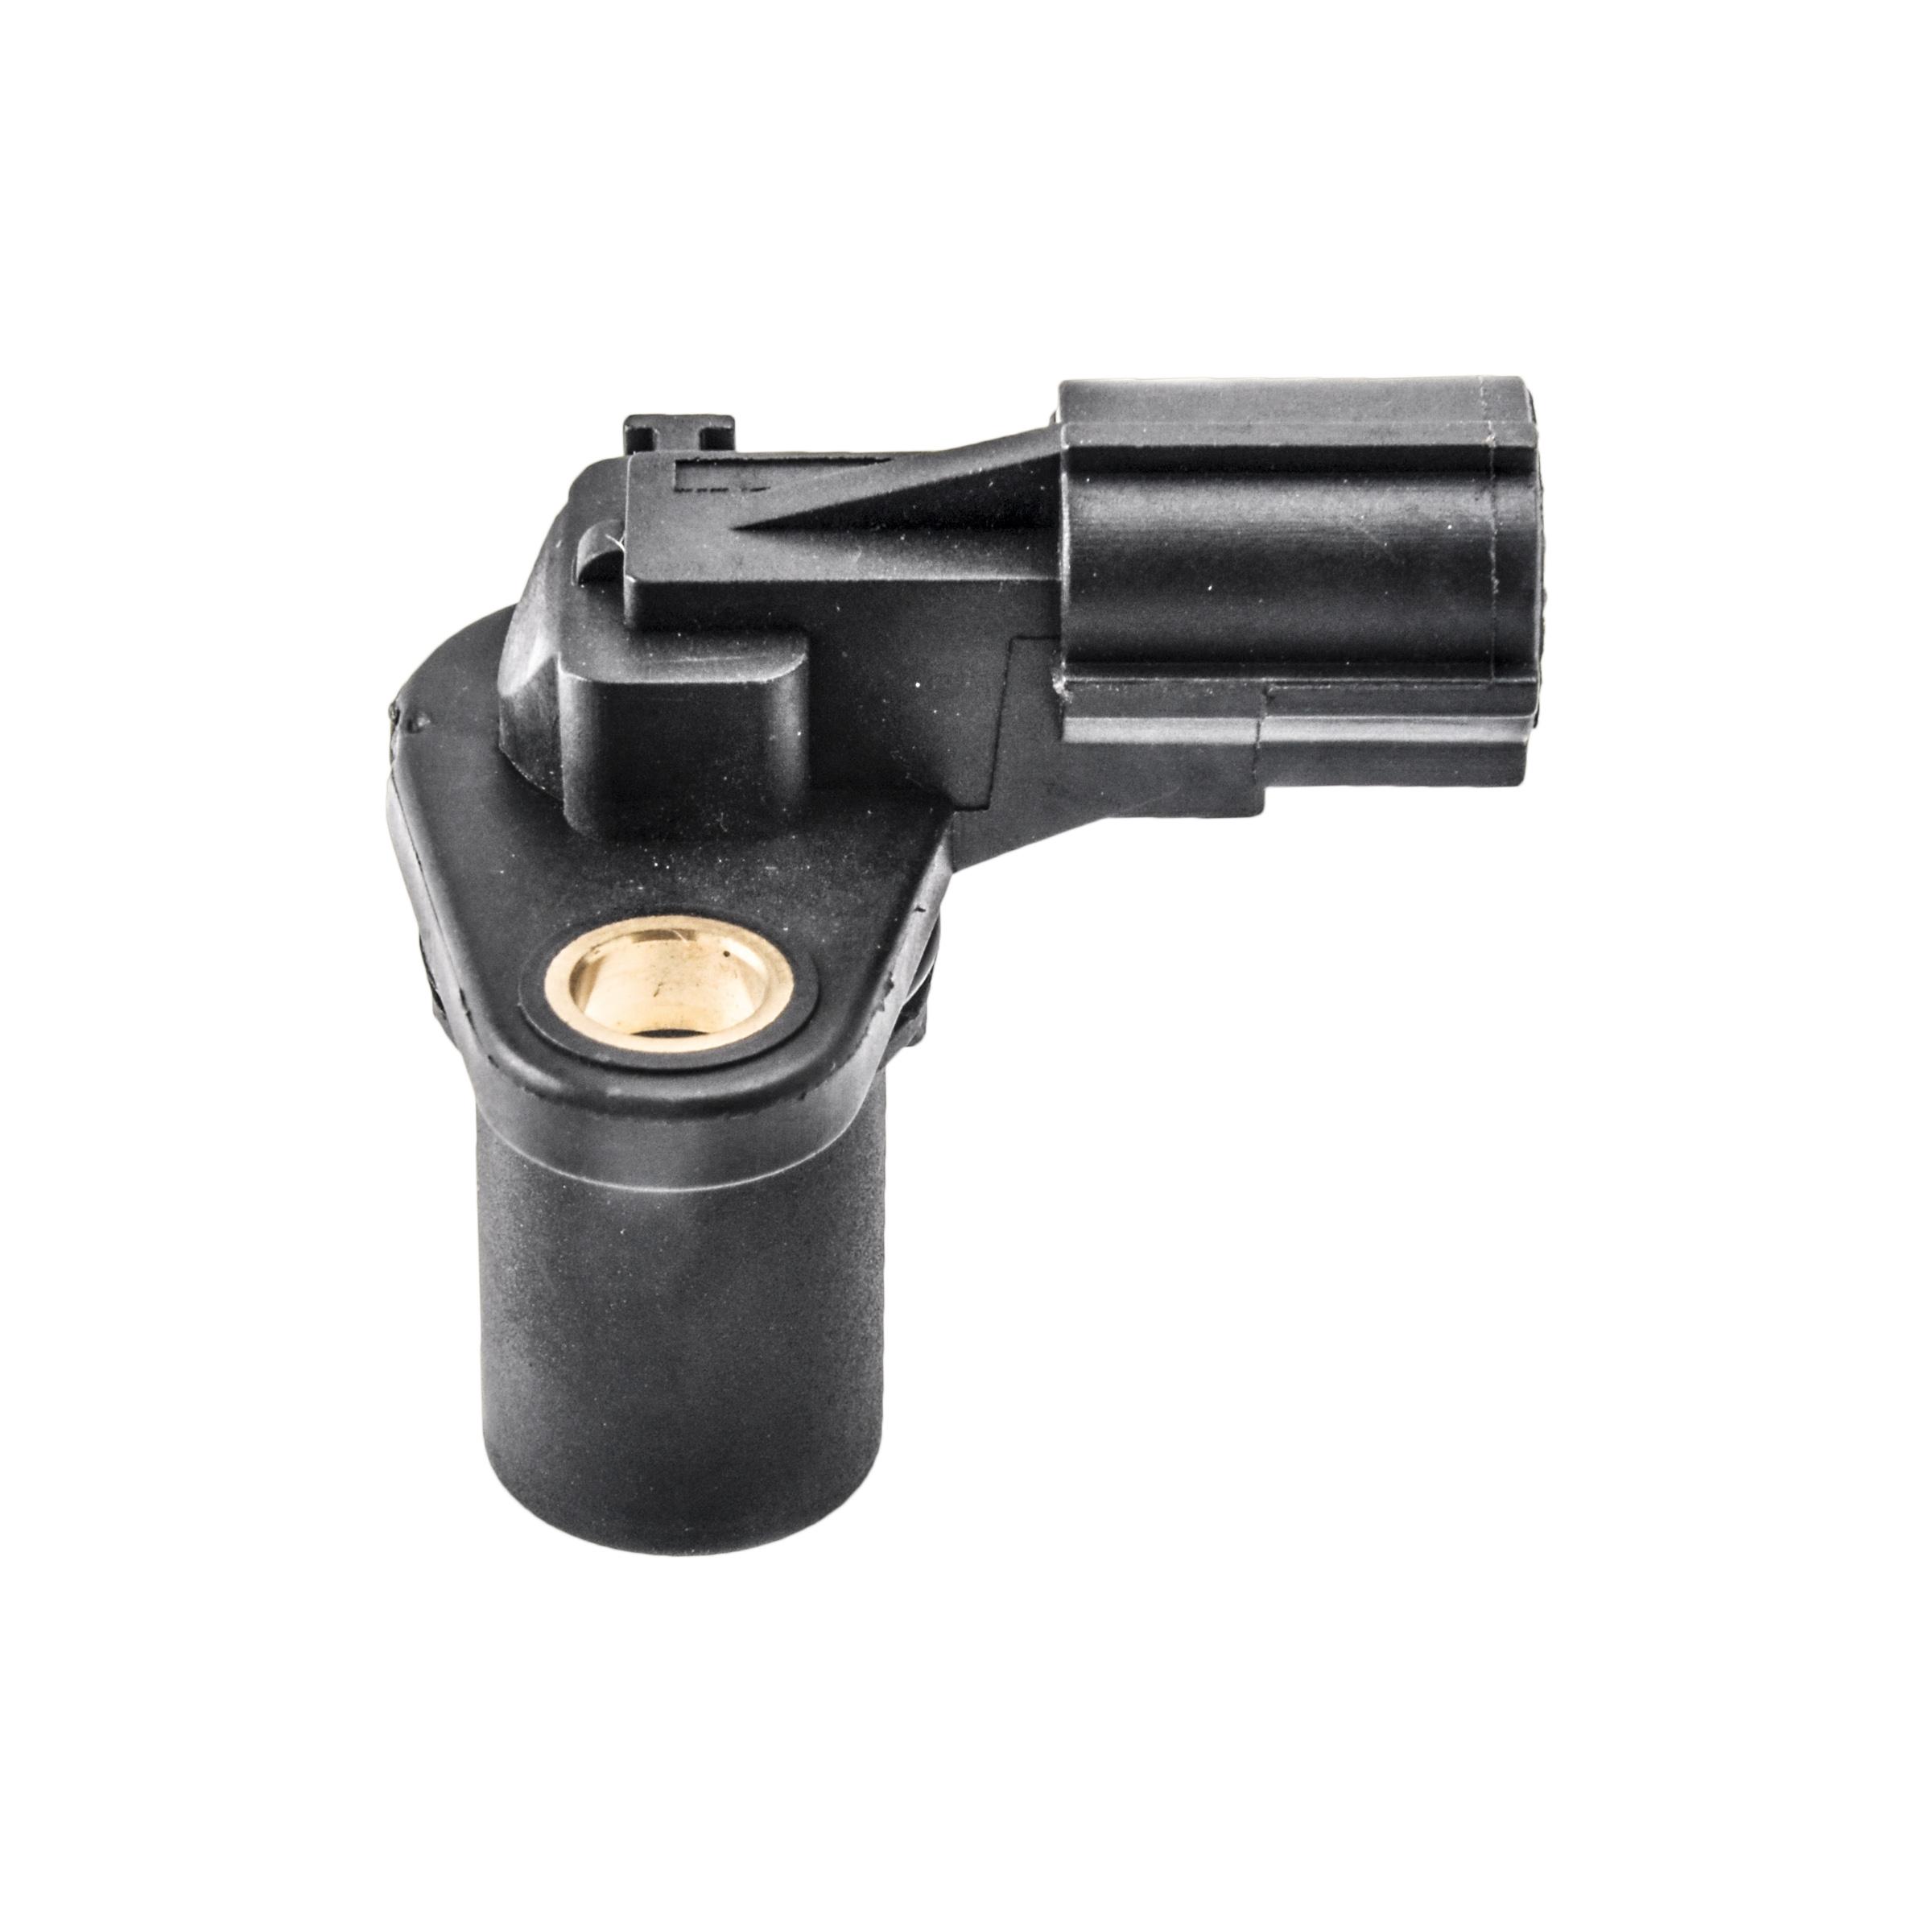 New Herko Camshaft Position Sensor PCH430 For Ford & Mazda